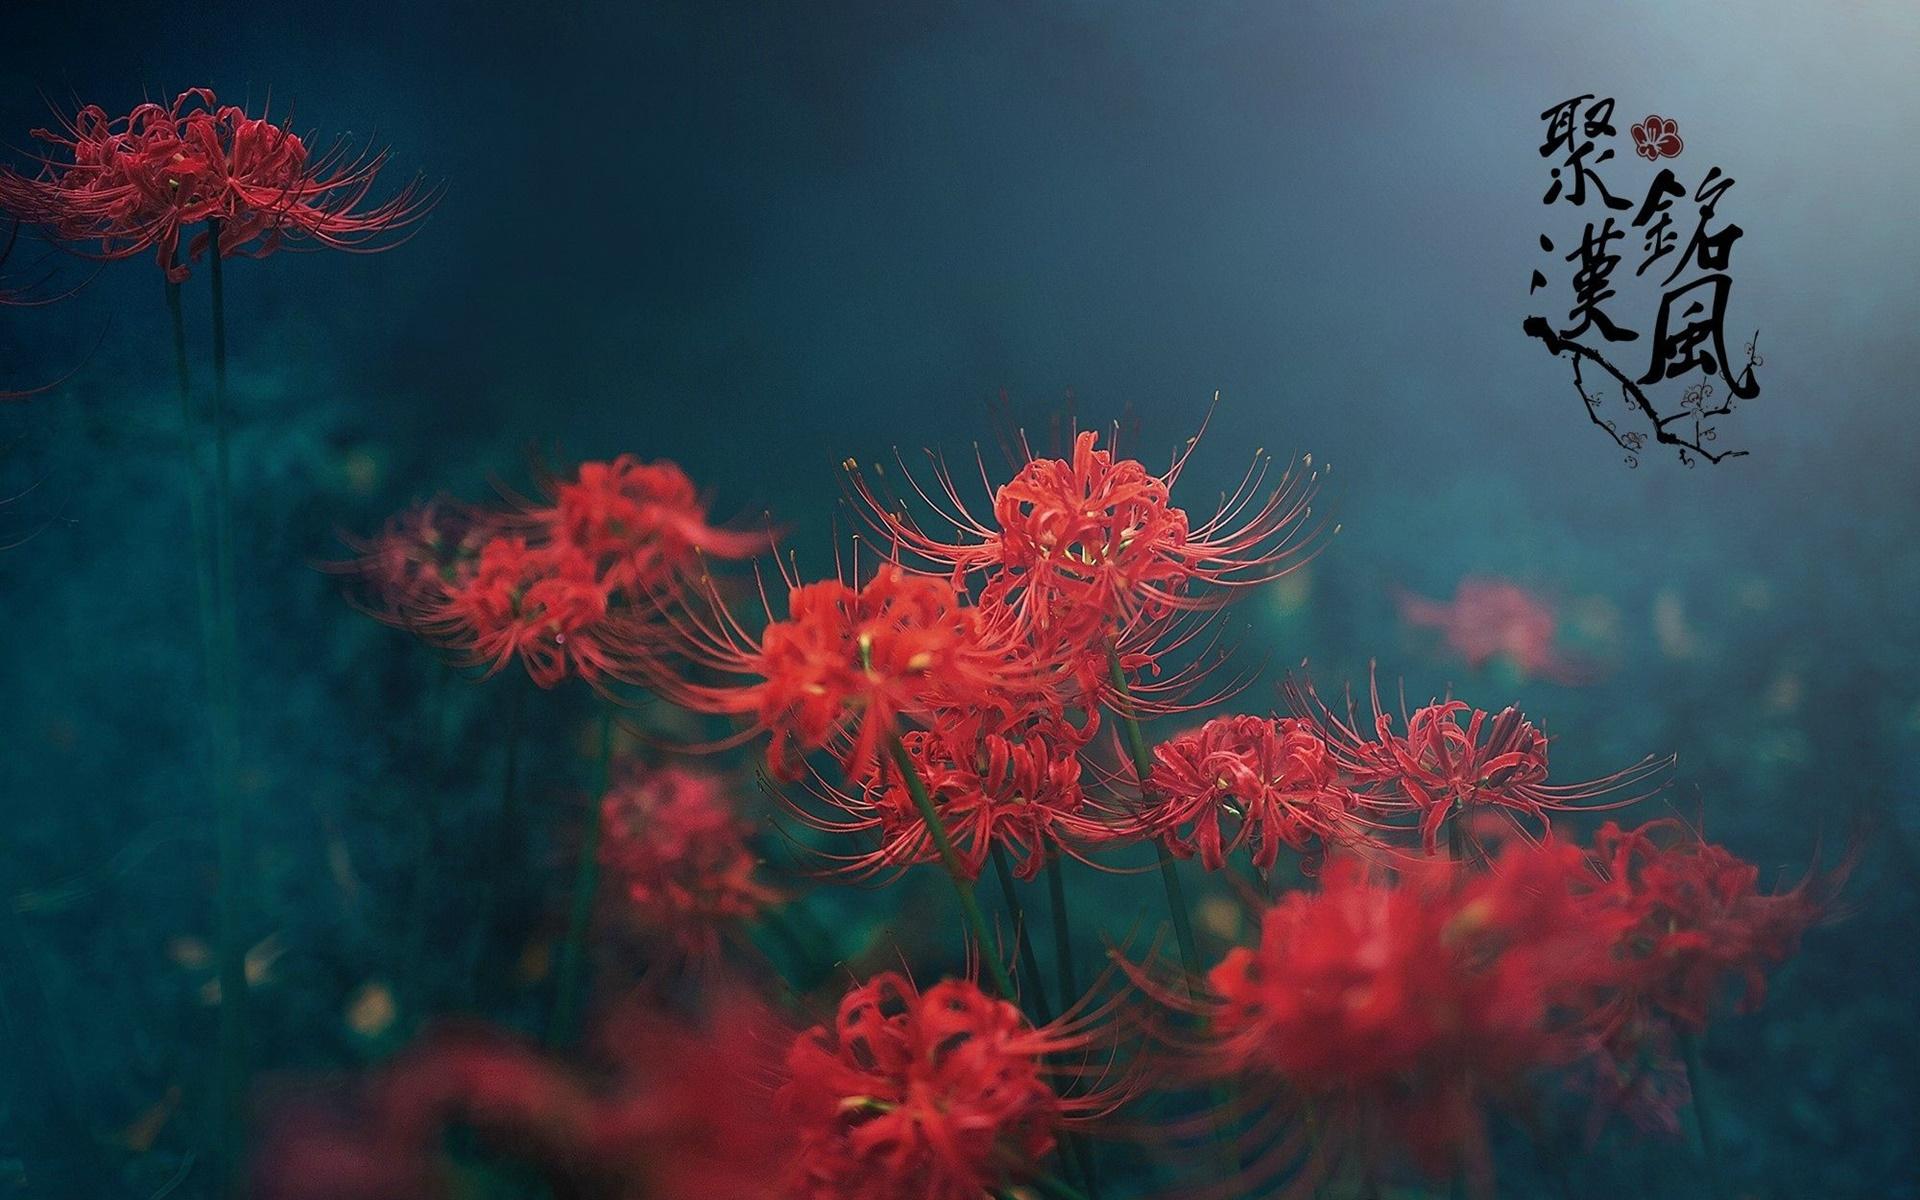 Những bông hoa với sắc màu đỏ rực